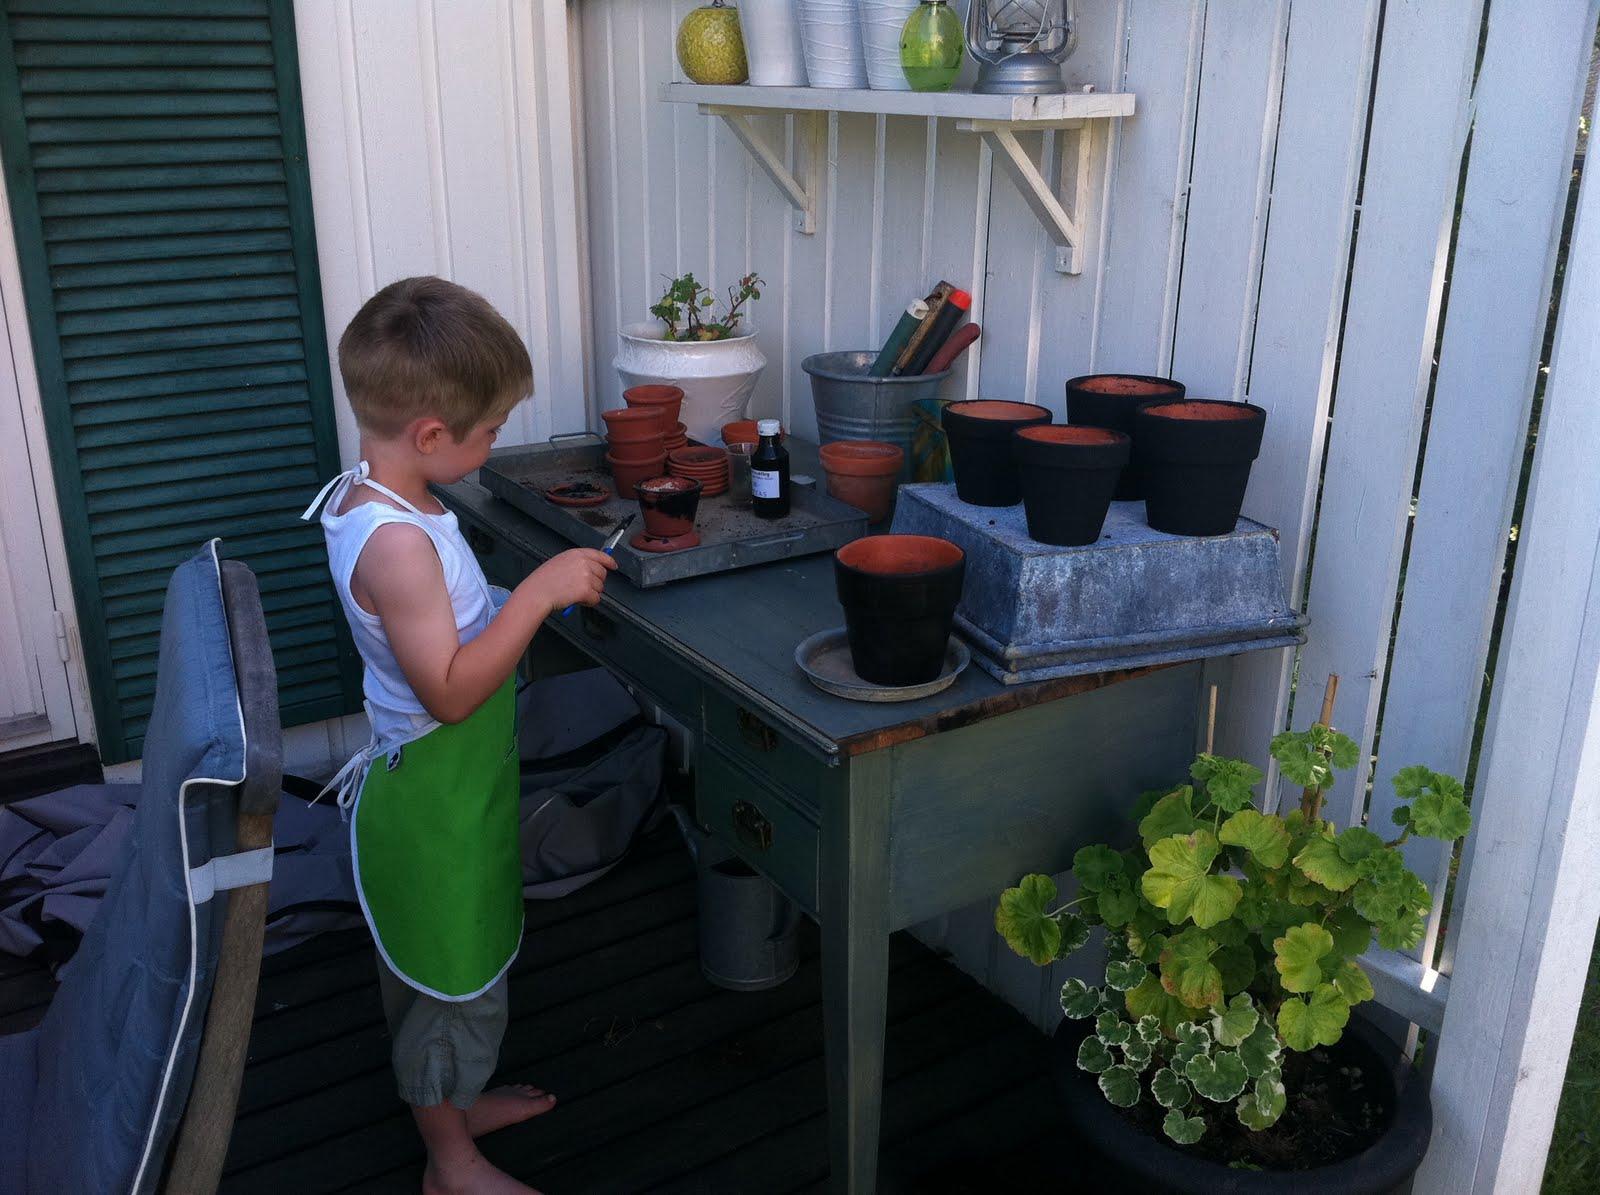 Njut i din trädgård: pyssel i trädgården